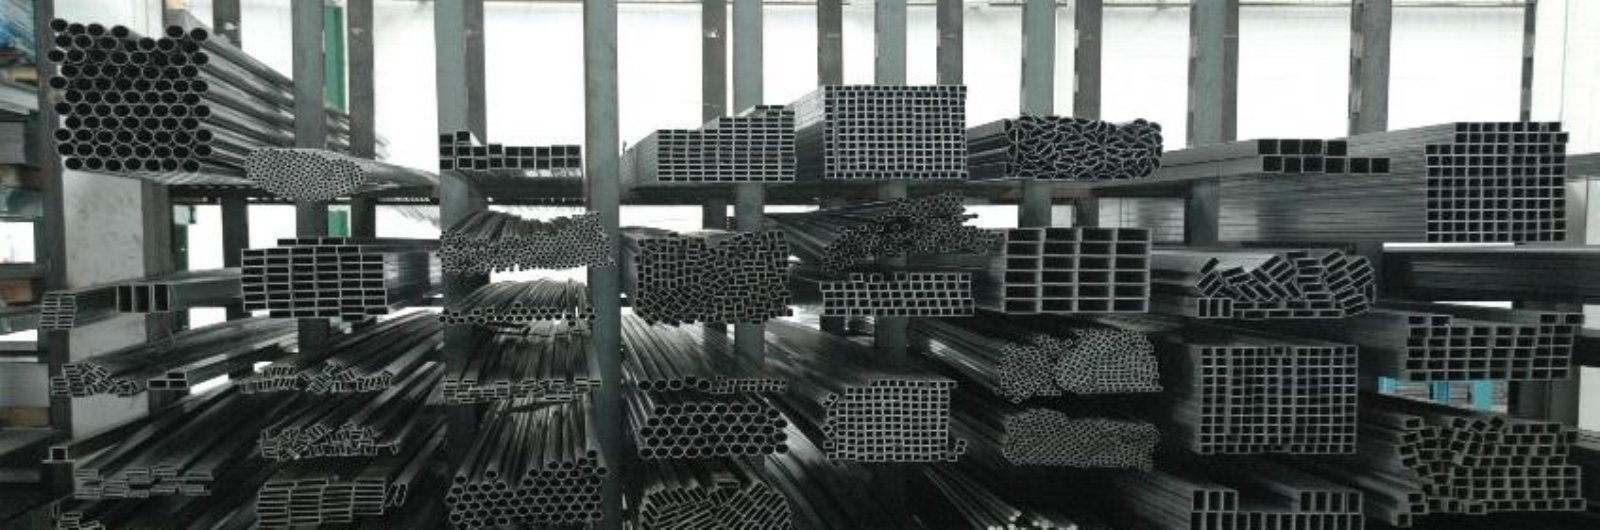 Productos y servicios hierros redis almacenes de - Hierros san cayetano ...